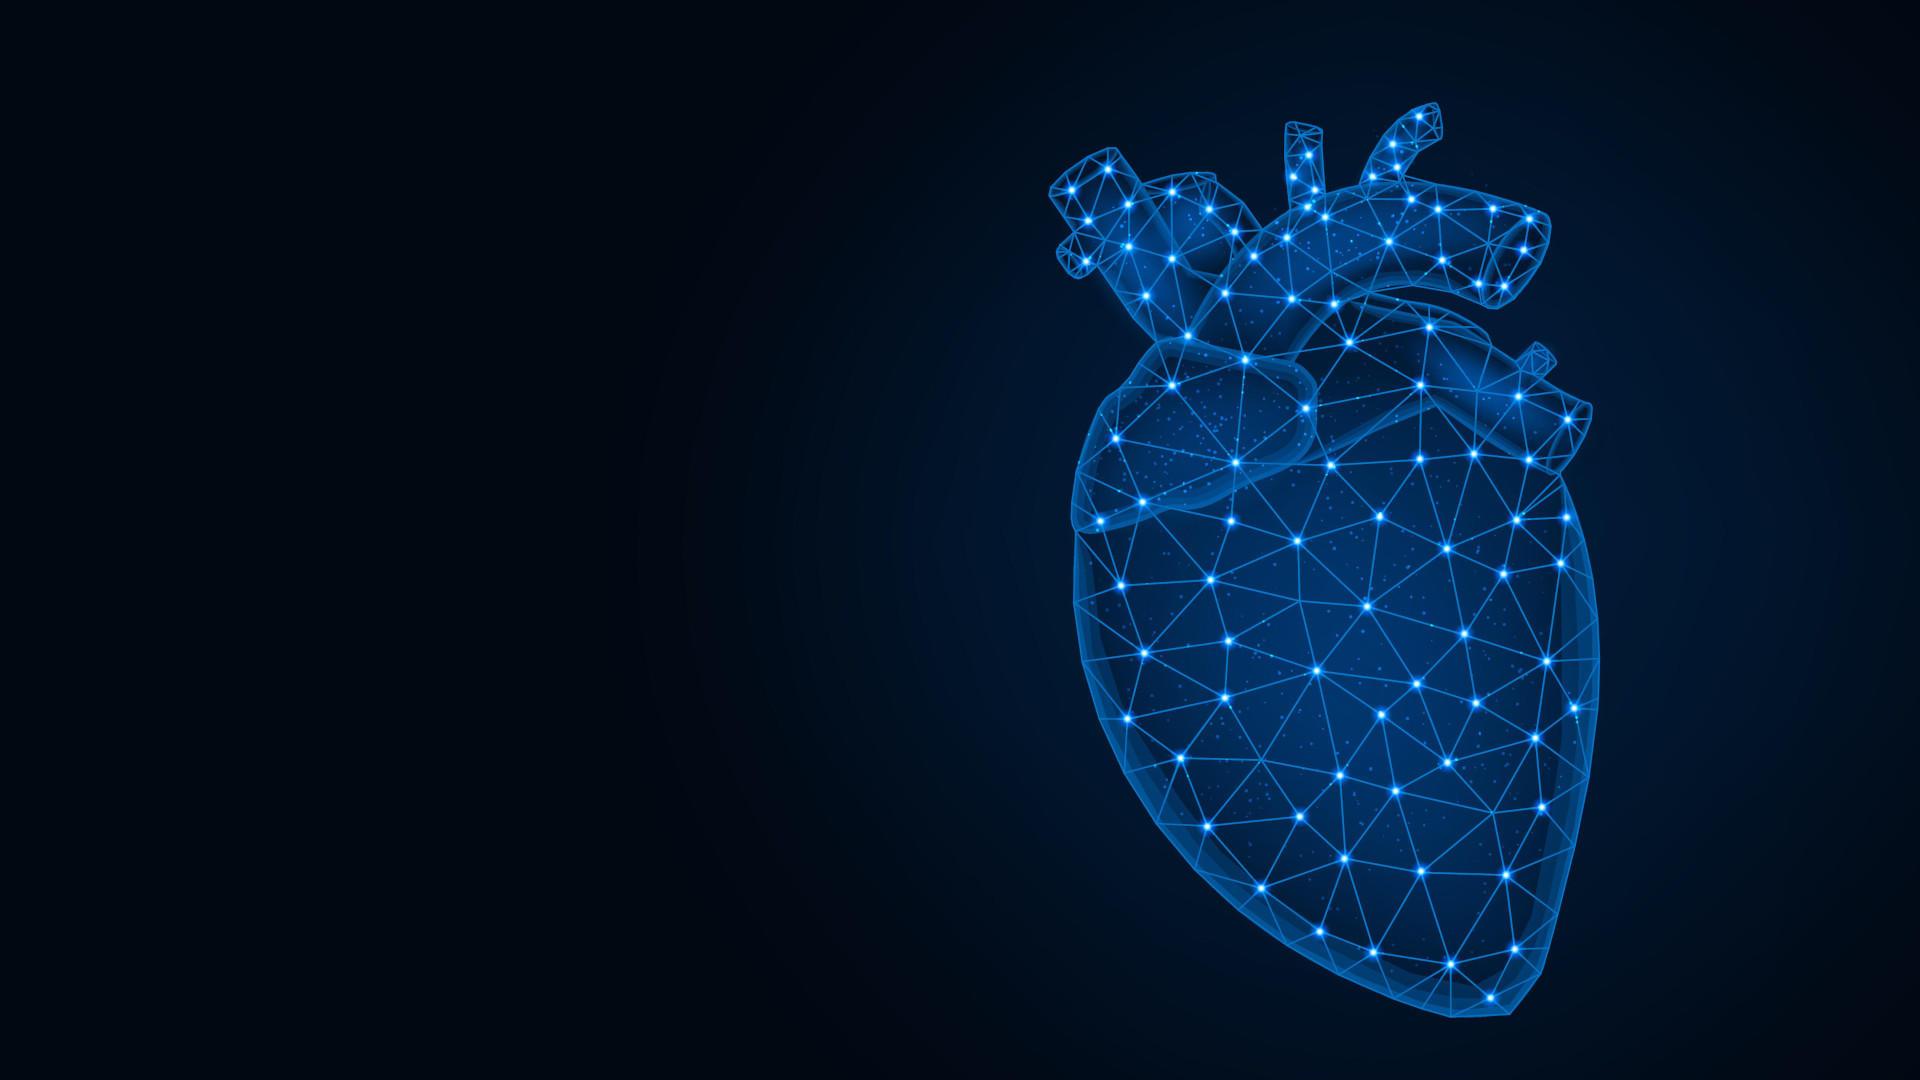 L'approccio multidisciplinare nello scompenso cardiaco